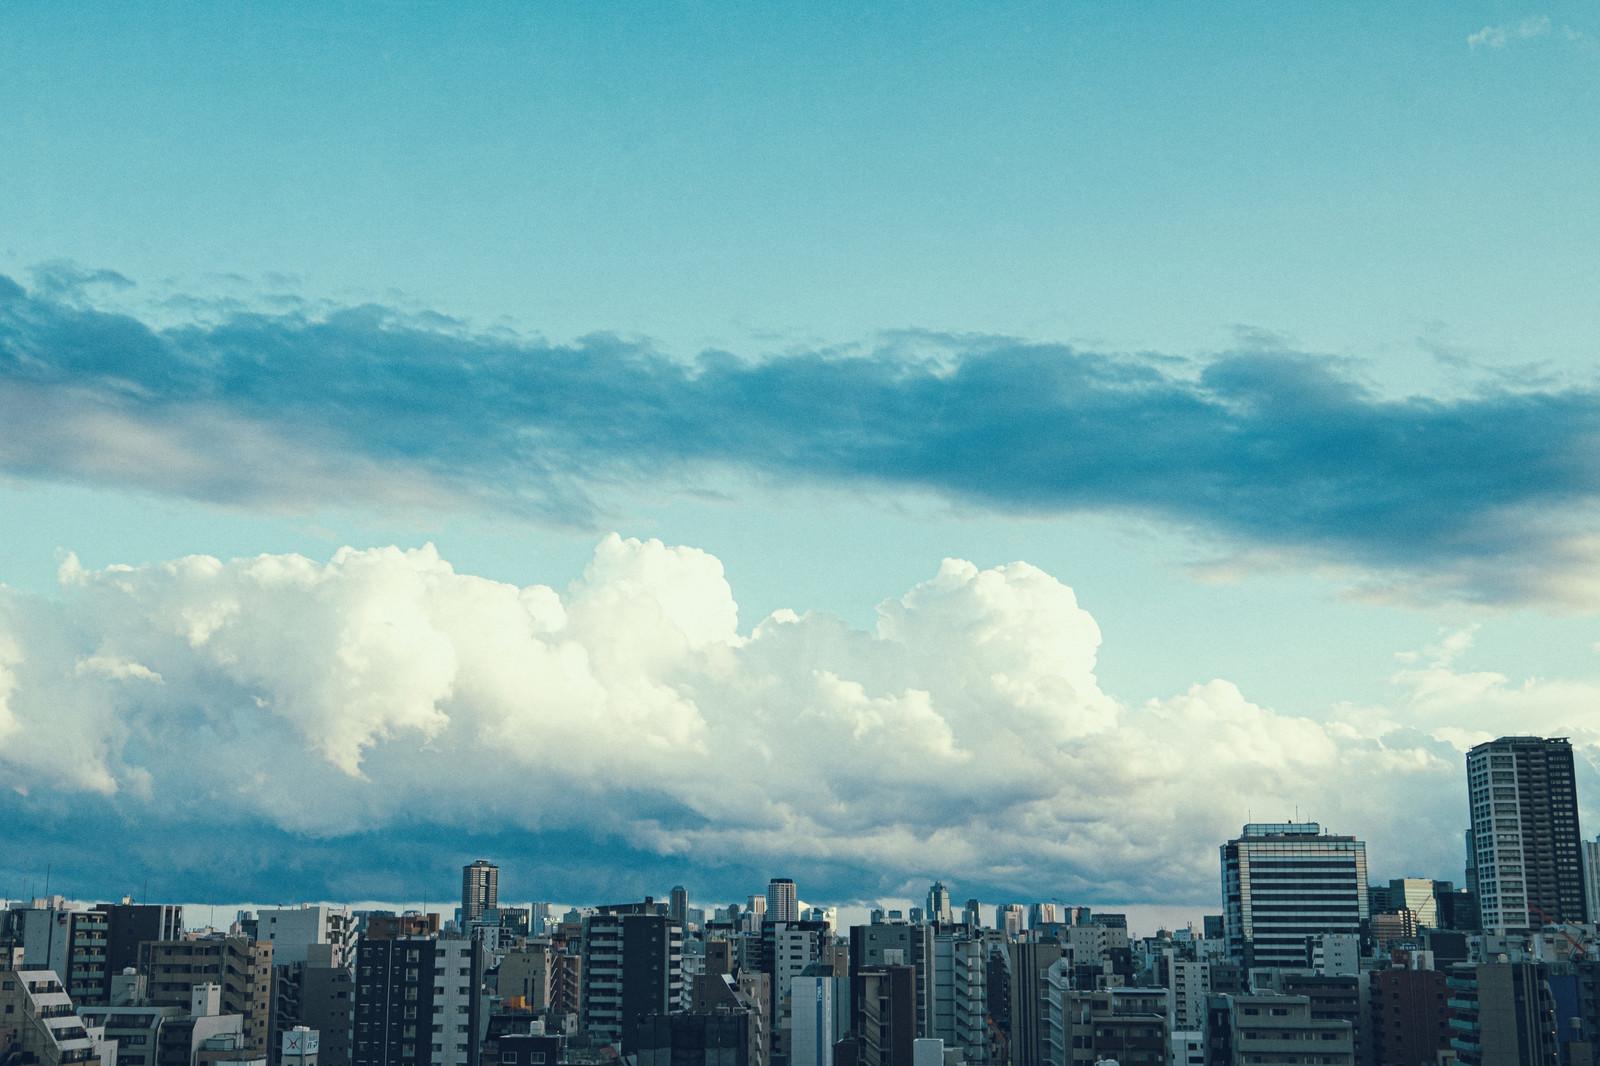 【2021年】住みやすい街トップ3!選び方の基準も解説 | winnova